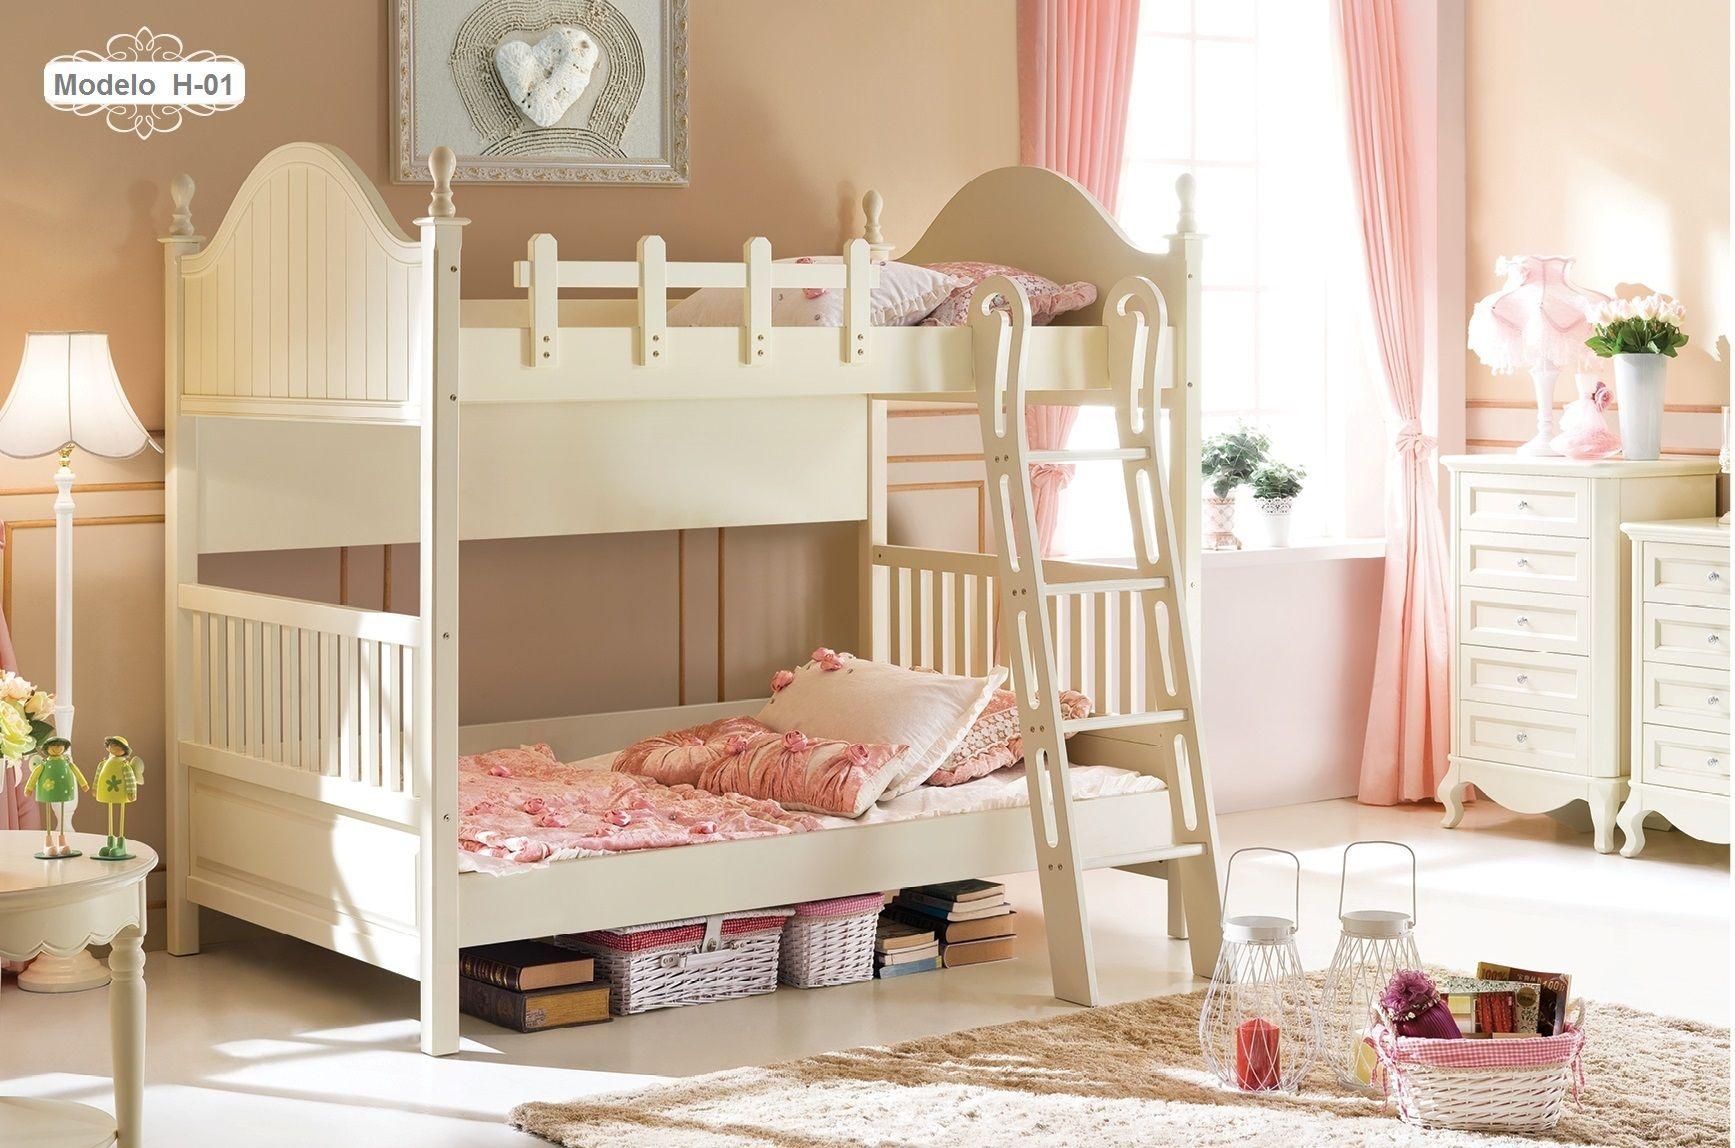 Etagenbett Kinder Weiß : Etagenbett für kinder mit drei schlafplätzen so sparen sie platz